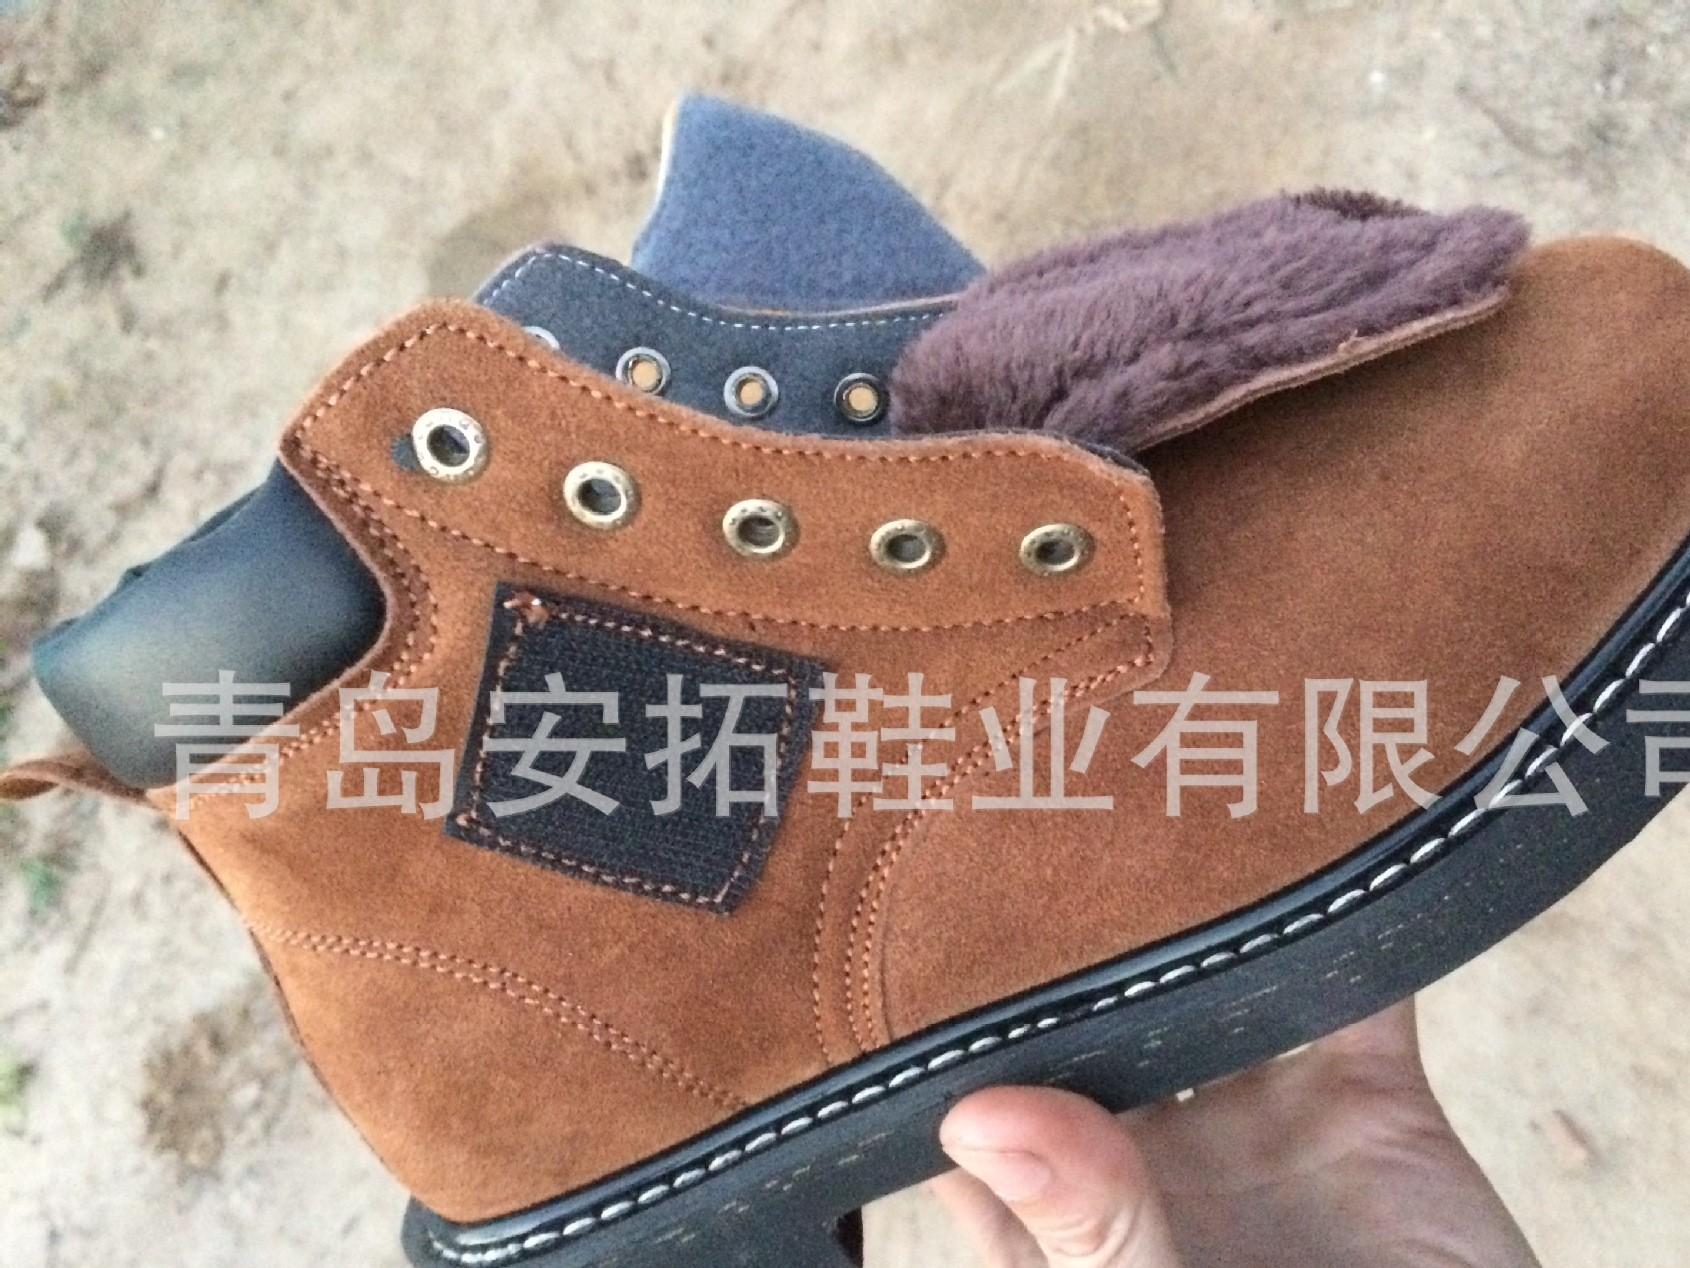 保暖加厚暖毛轮胎底钢包头防砸防刺穿安全劳保鞋防护鞋真皮男女鞋